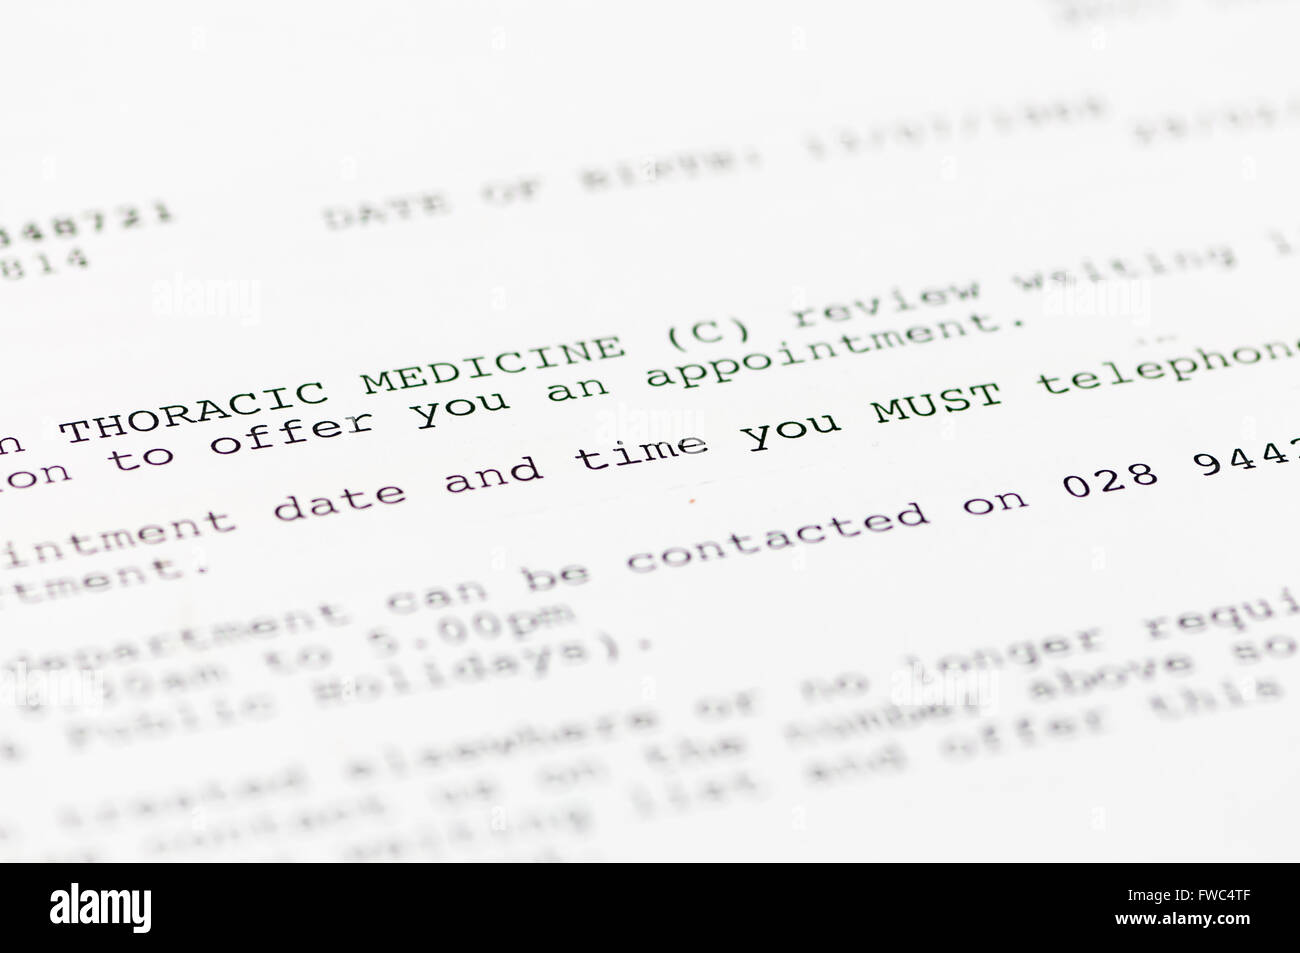 Lettre informant le rendez-vous du patient d'un rendez-vous avec la Clinique de médecine thoracique. Photo Stock